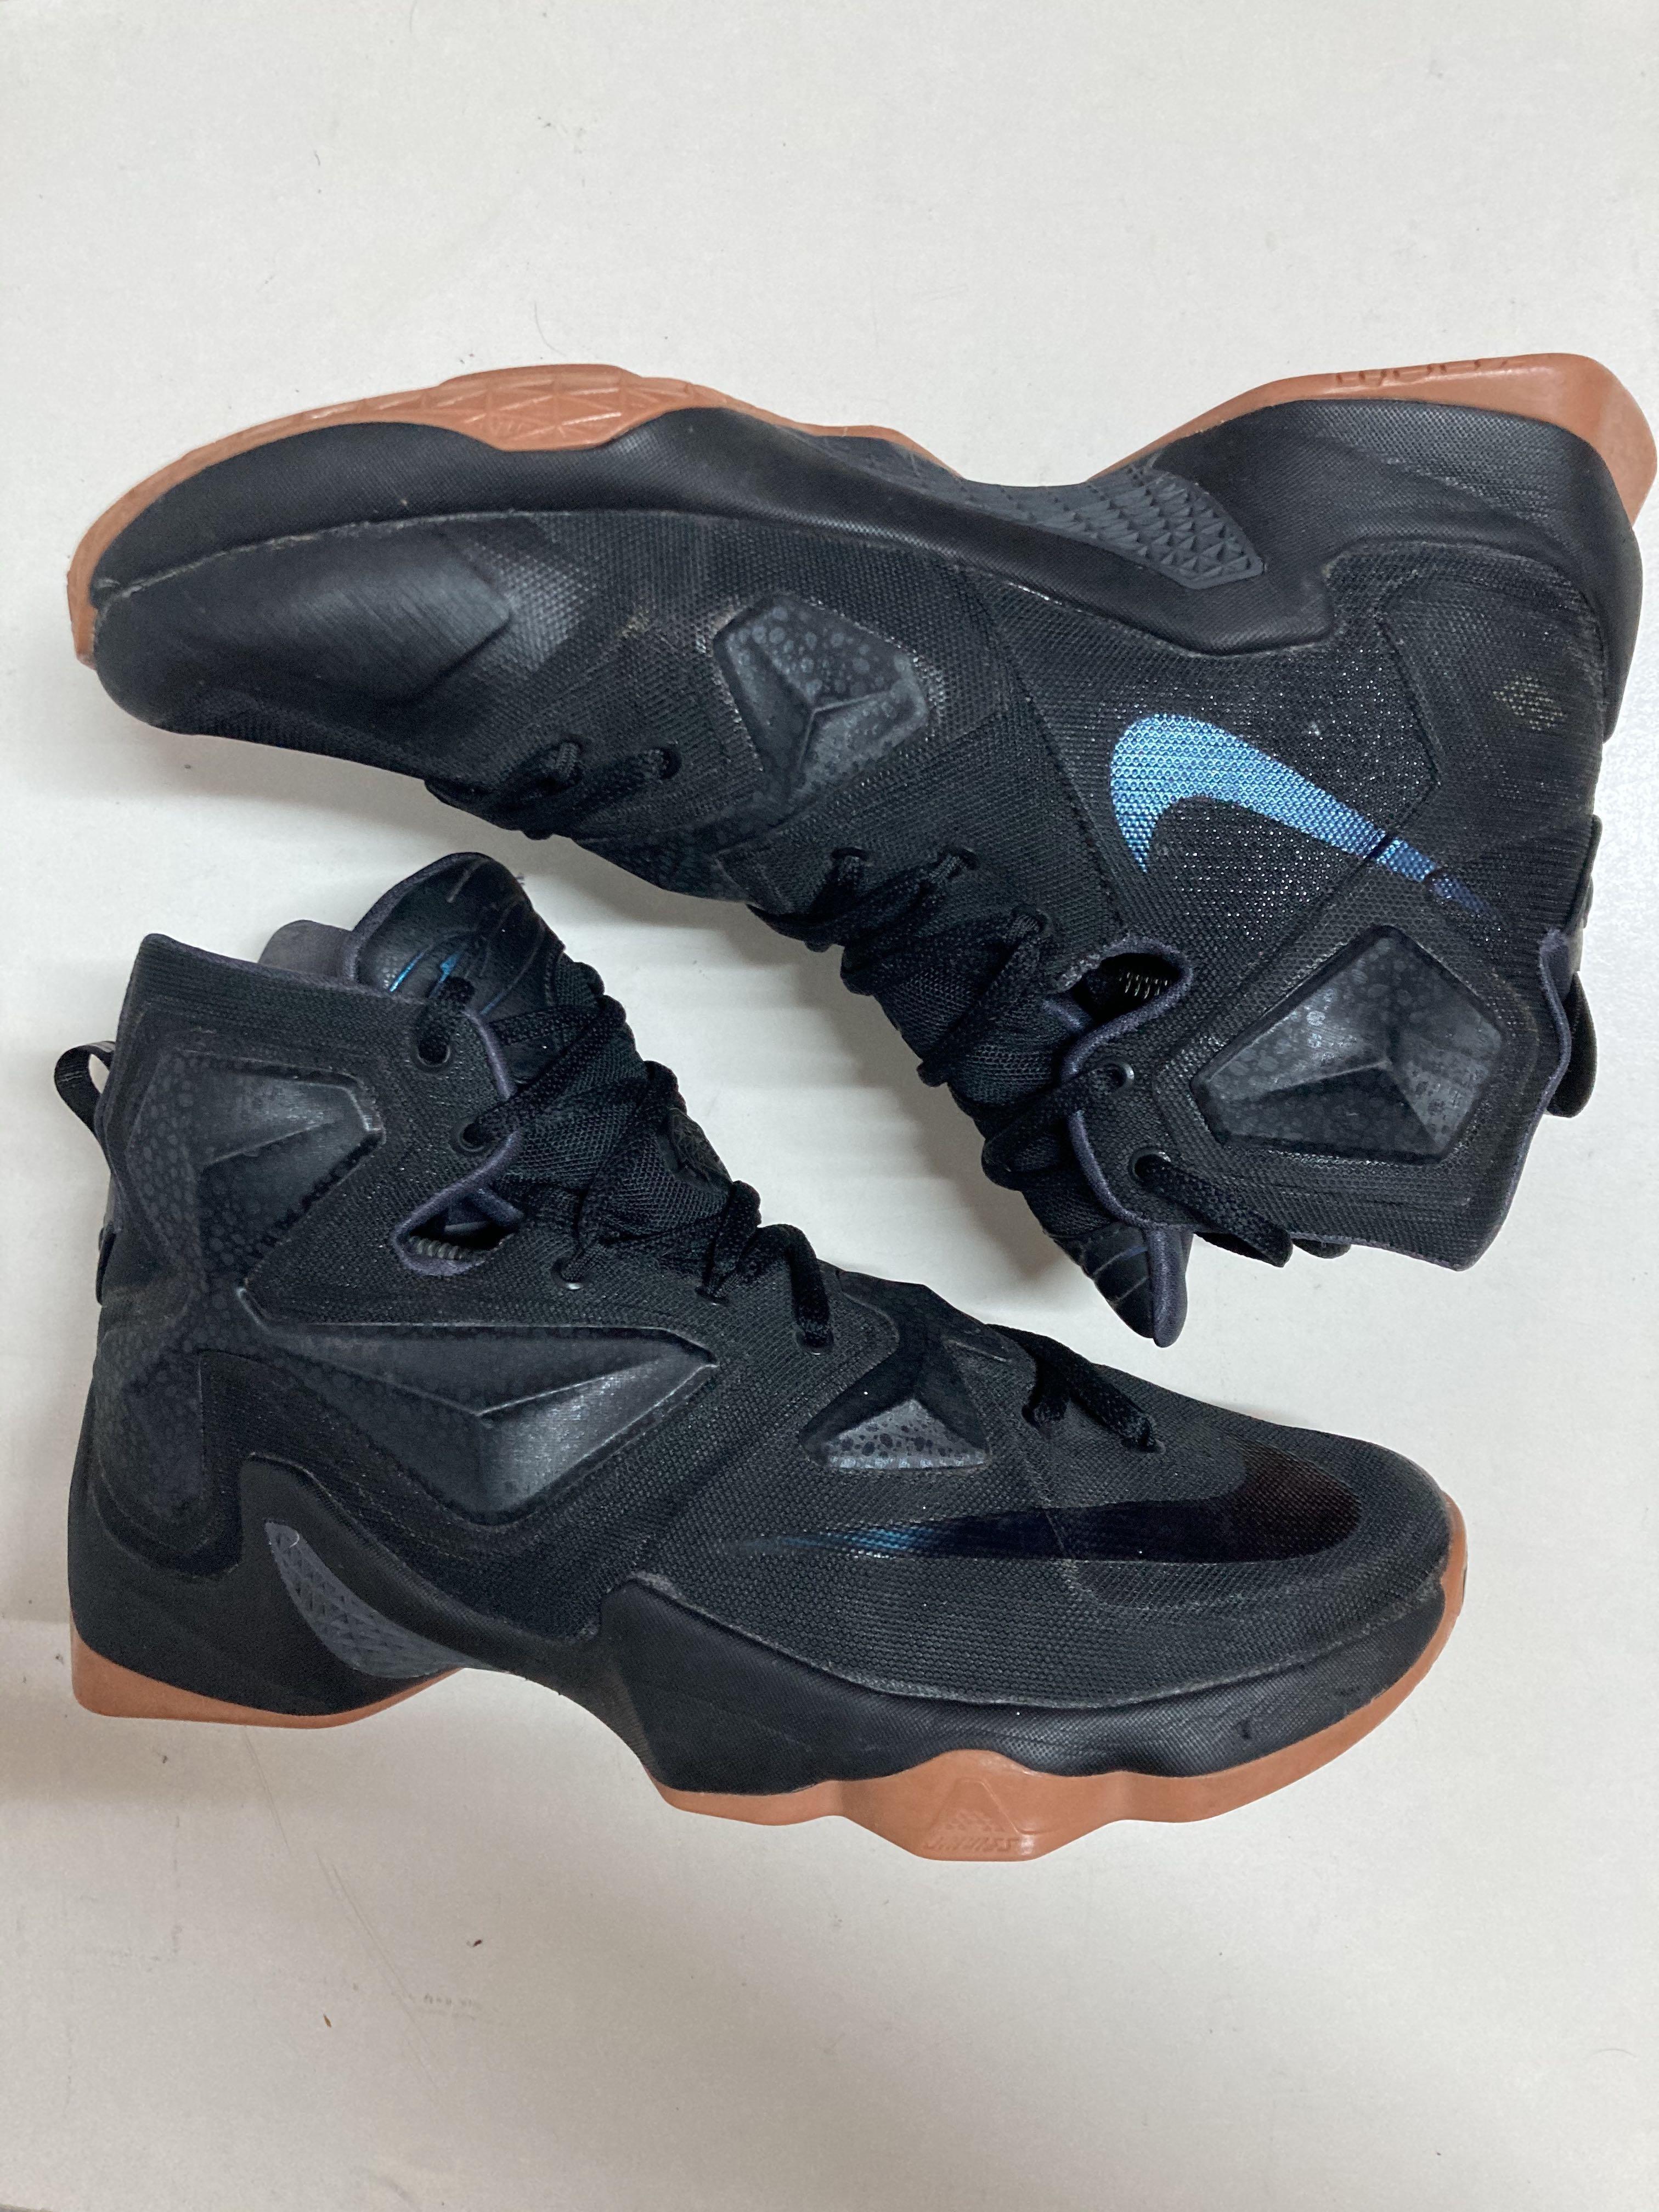 Nike Lebron 13 black lion 黑獅王 LBJ 鋼鐵人 籃球鞋